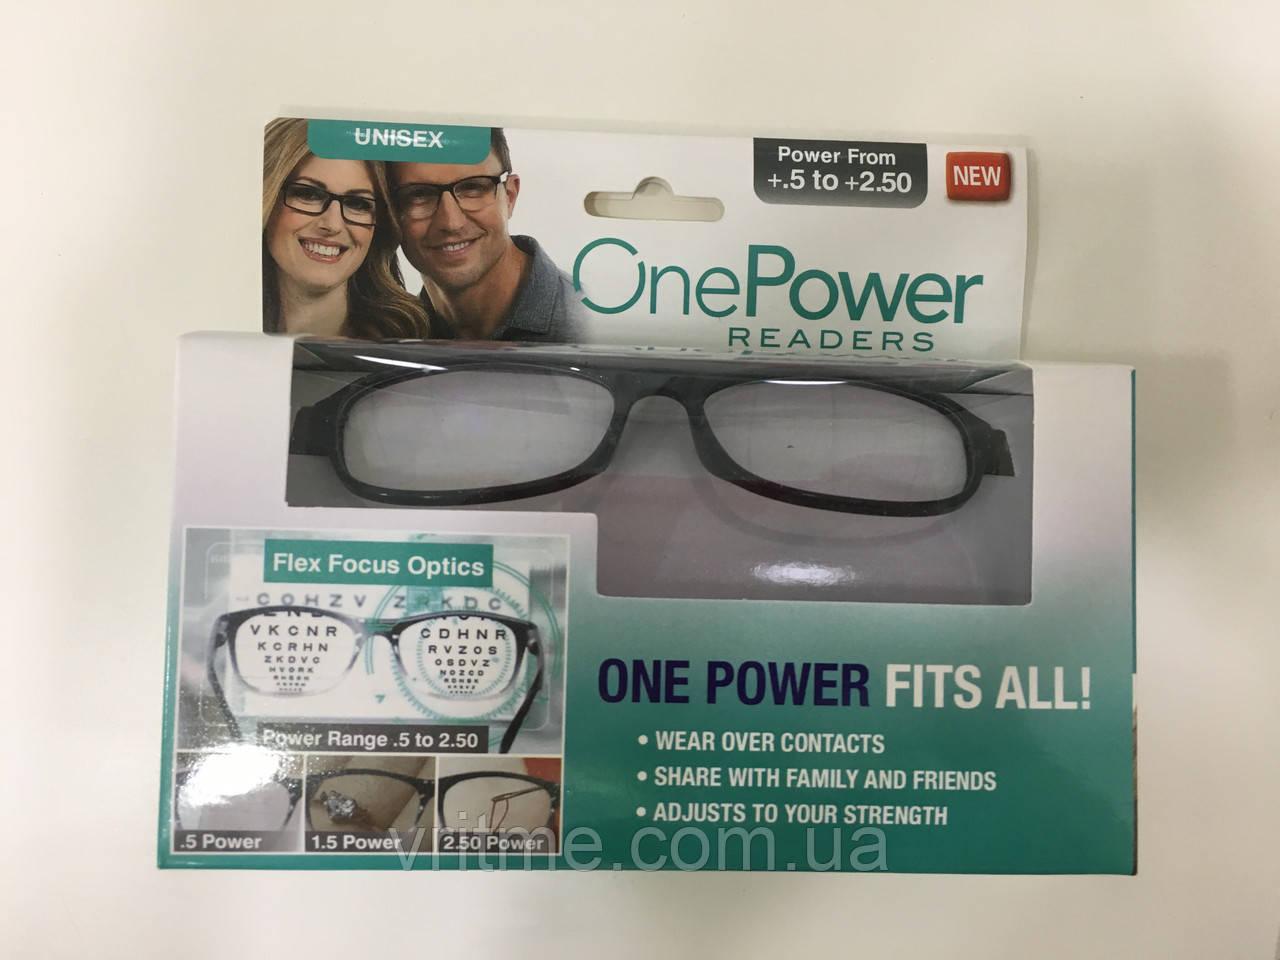 Універсальні окуляри для читання One Power Readers від +0,5 до +2,5 діоптрій